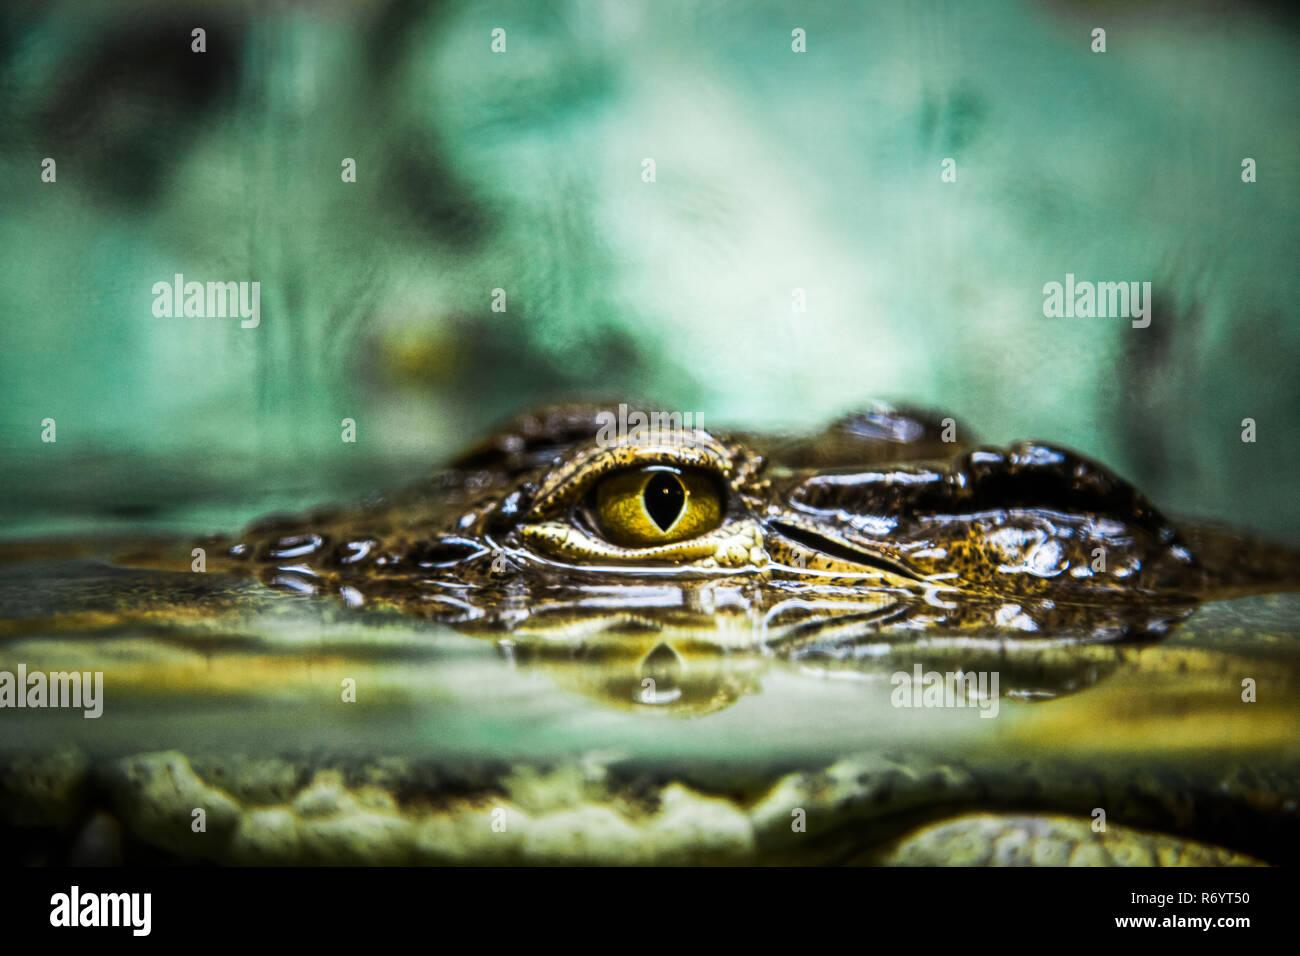 Eye of a crocodile - Stock Image